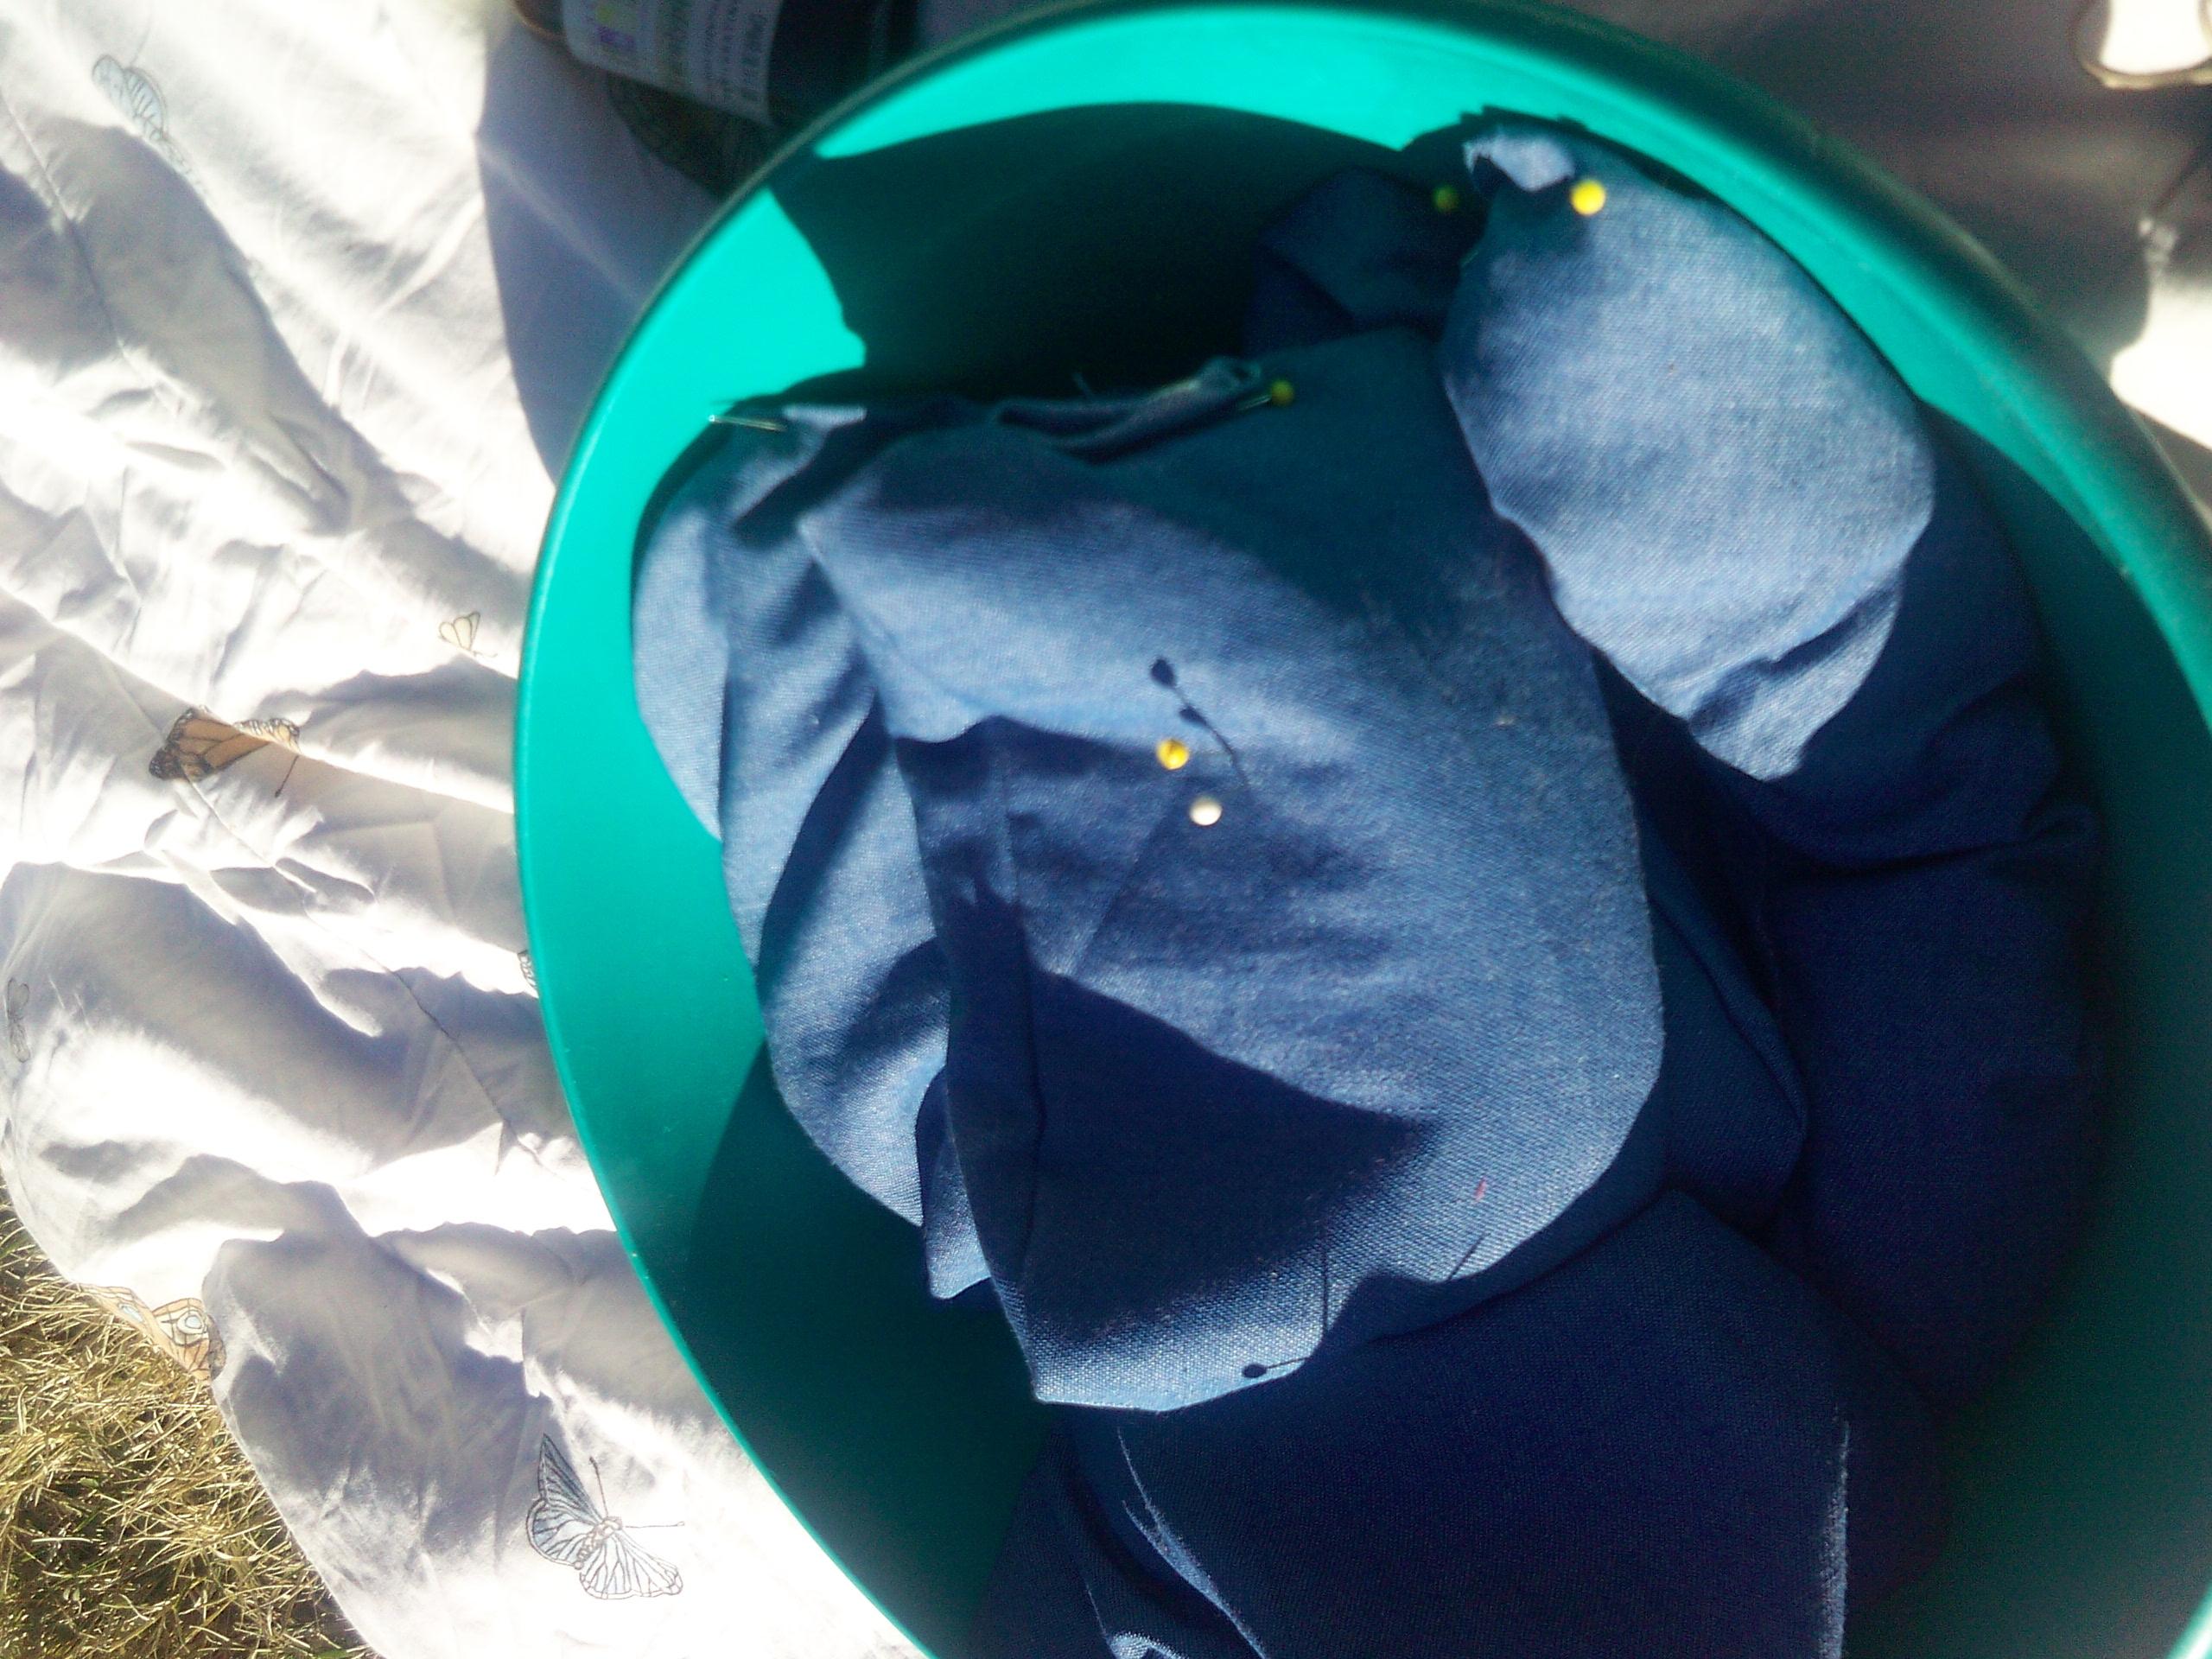 denim-hot-packs-in-green-bowl